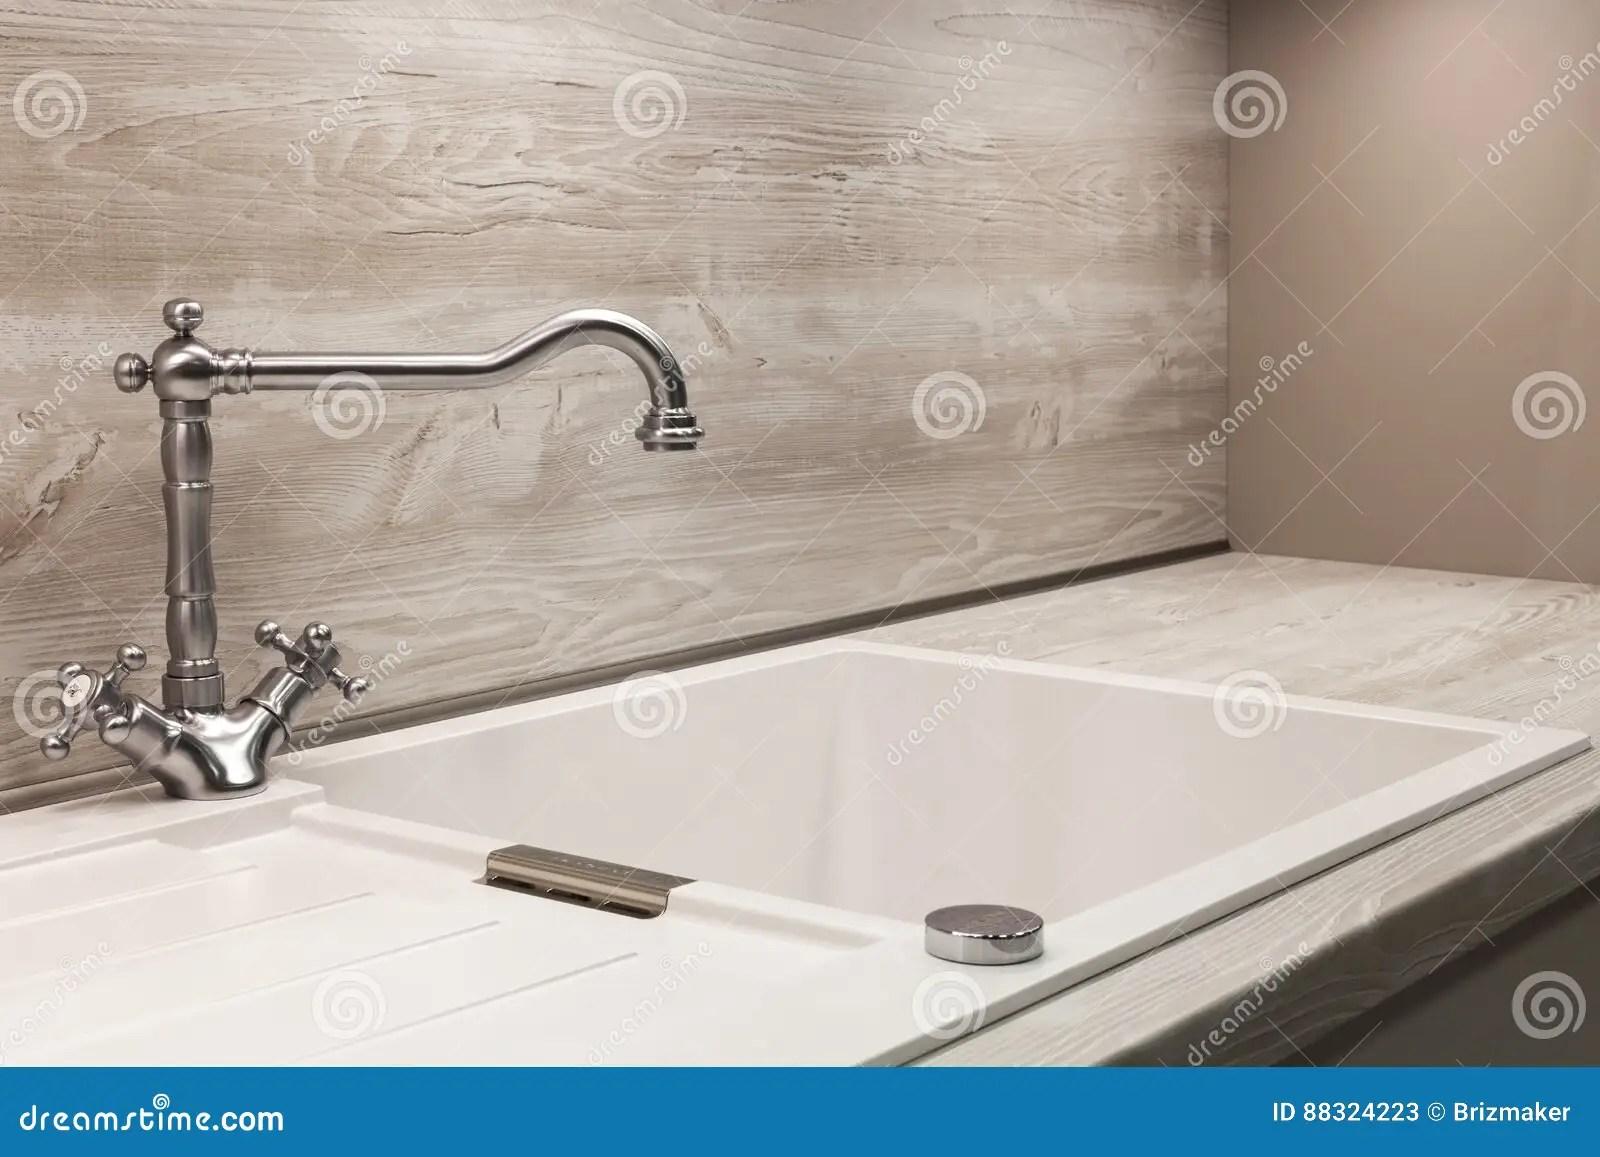 24 kitchen sink painting cabinets black 在白色厨房水槽的现代设计师镀铬物水龙头库存图片 图片包括有干净 任何 在白色厨房水槽的现代设计师镀铬物水龙头